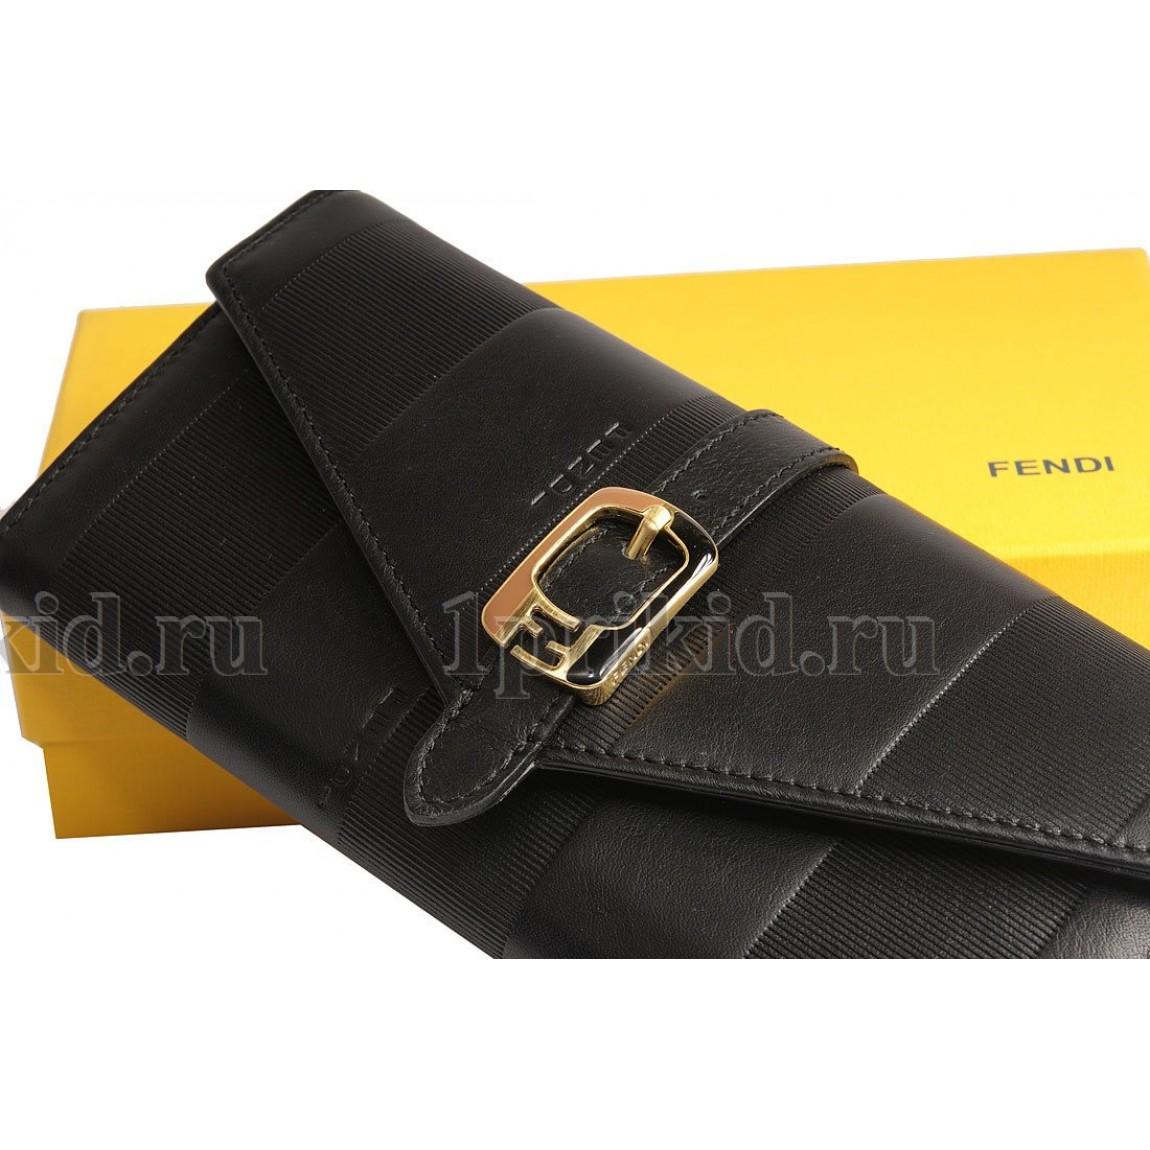 f5a277f6d24b FENDI кошелек женский чёрный натуральная кожа 19x9см/24563 купить в ...